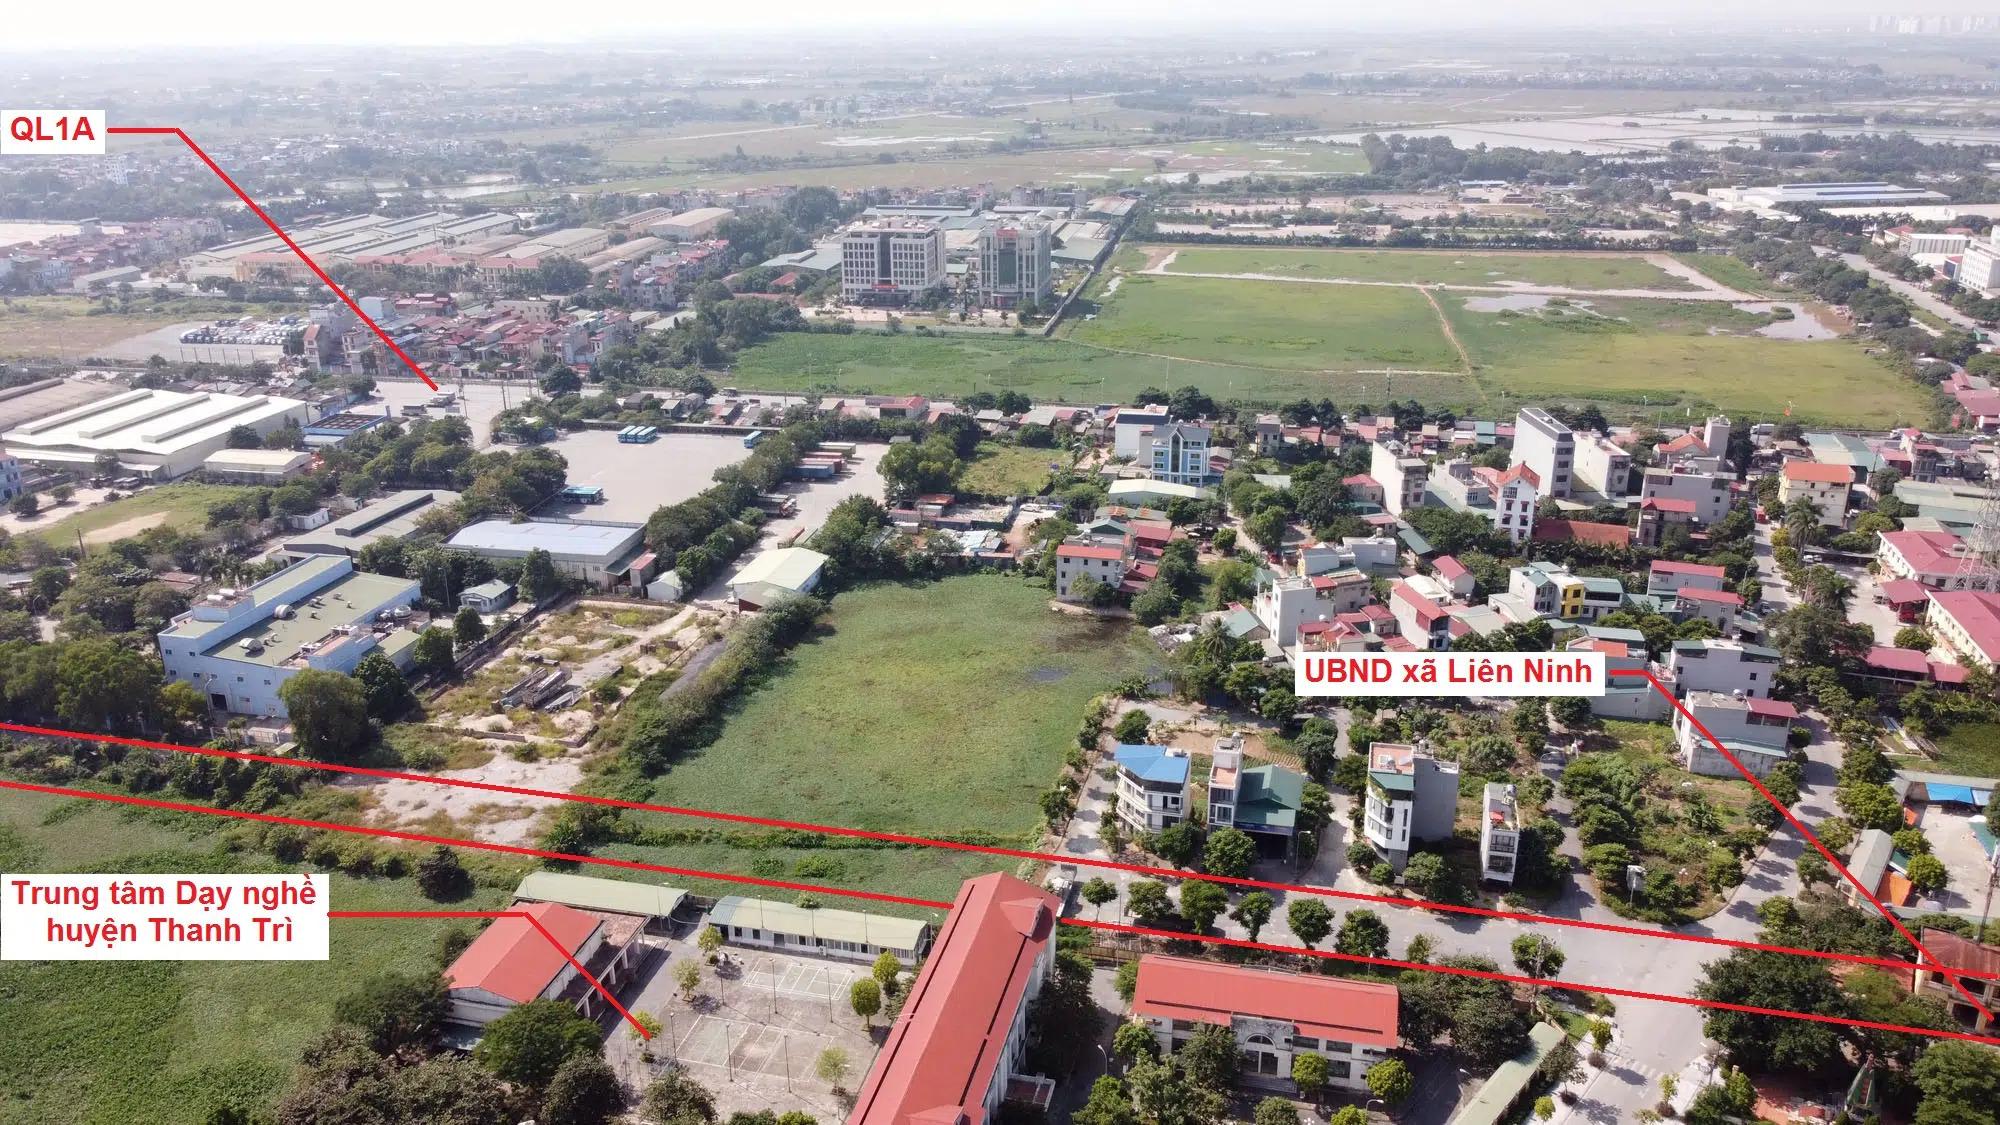 Duyệt kế hoạch sử dụng đất huyện Thanh Trì năm 2021, sắp triển khai dự án xây dựng tuyến đường sắt đô thị số 1 - Ảnh 1.